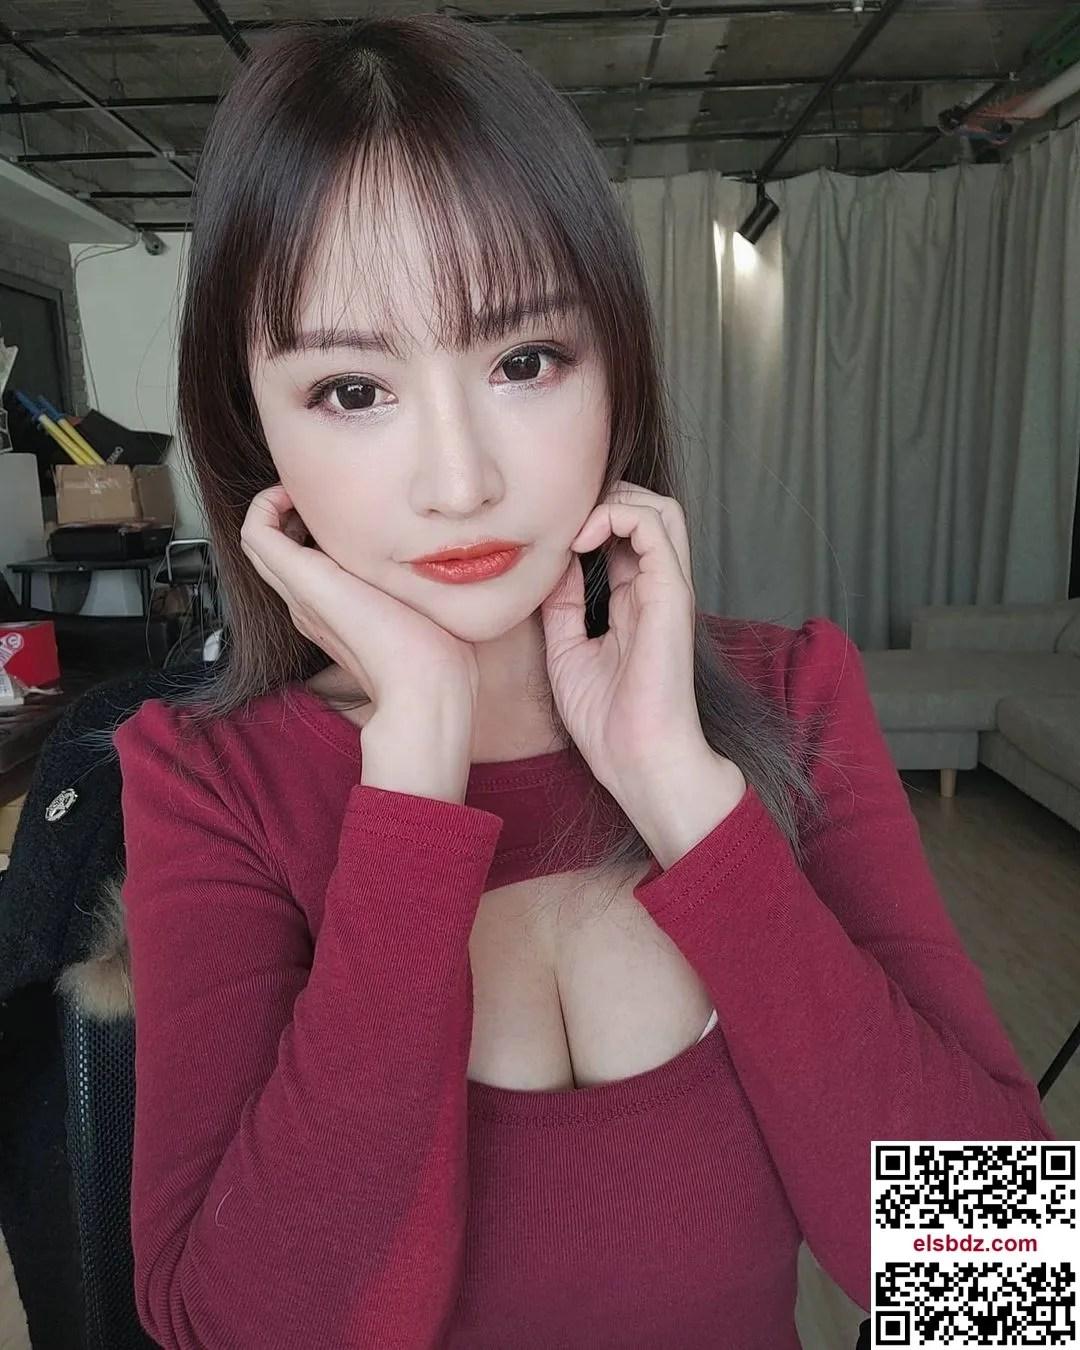 """Lei Yi """"发育成熟的美乳"""" 粉丝看了忍不住大赞插图(4)"""